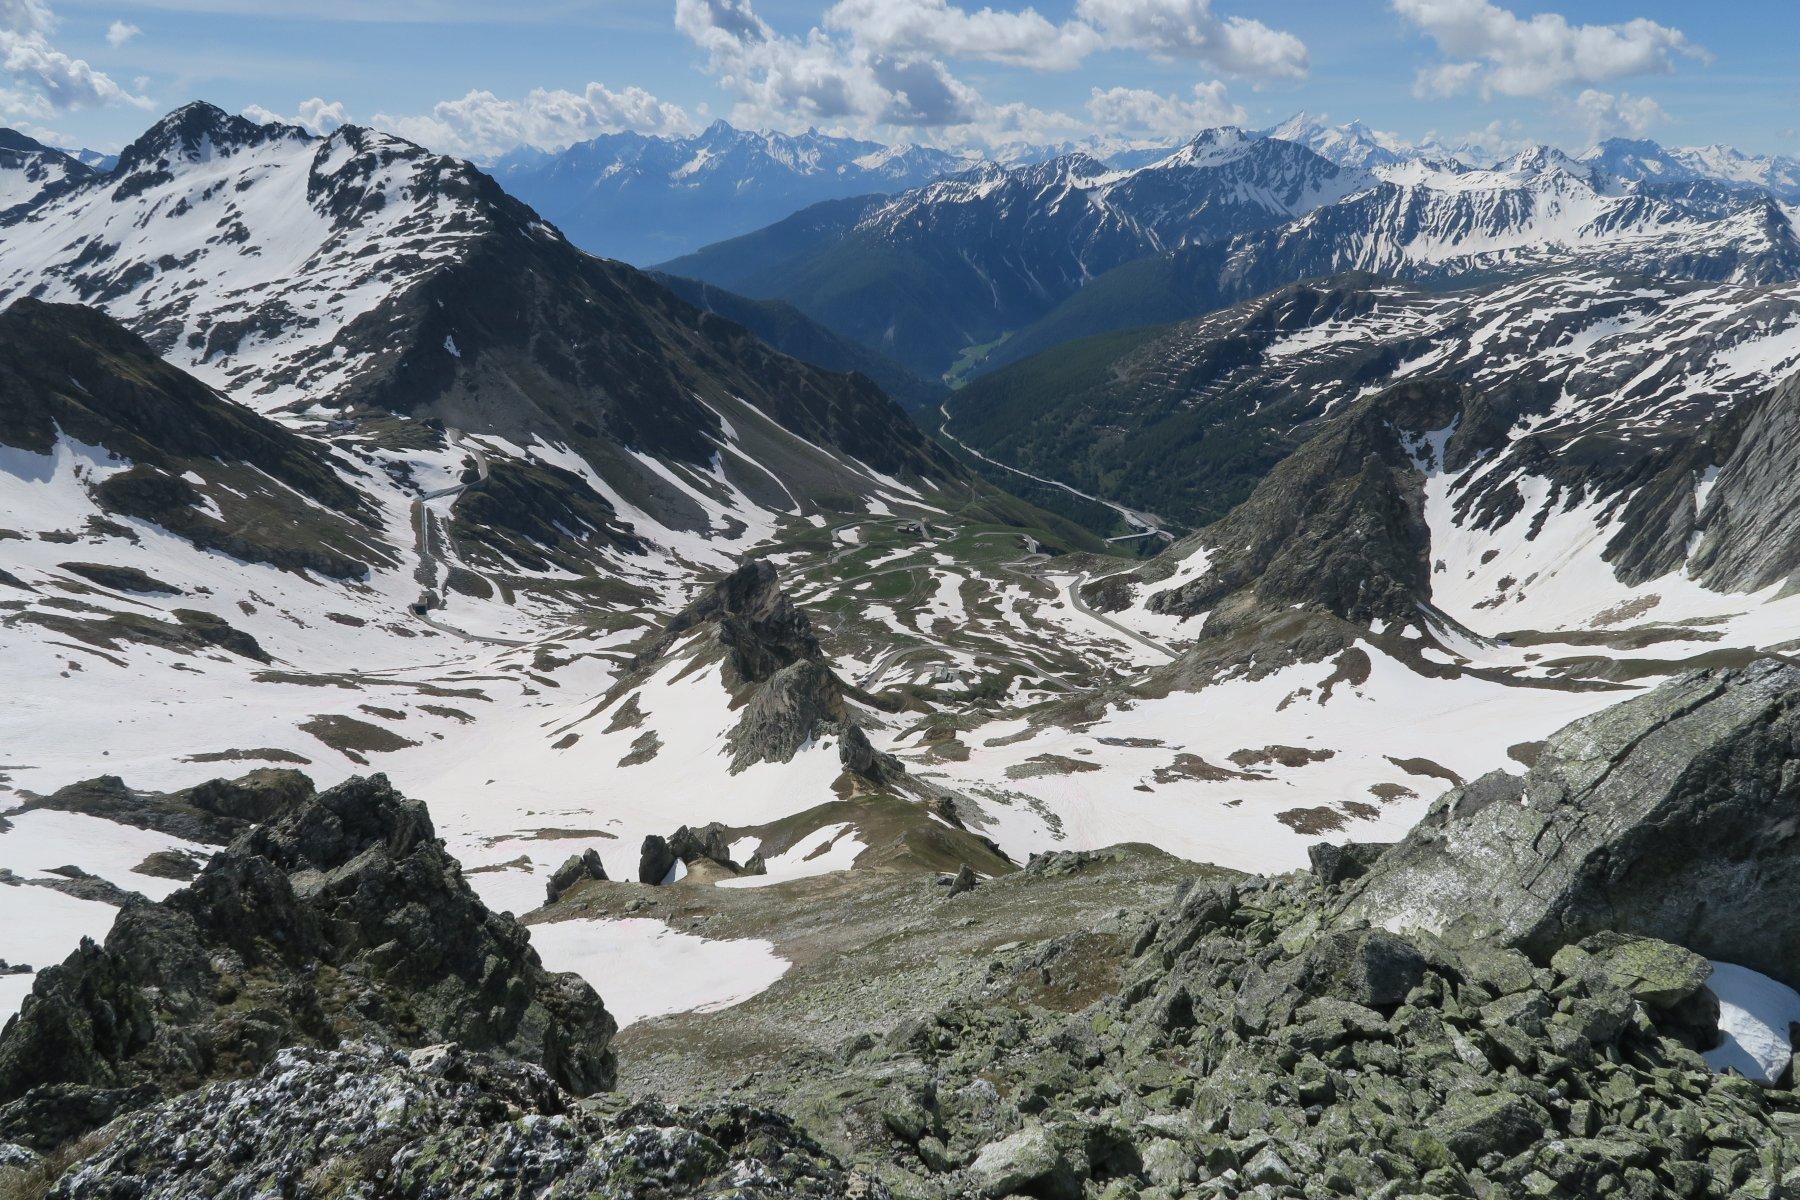 sulla sinistra il vallone salito e la strada per il Colle del G.S. Bernardo